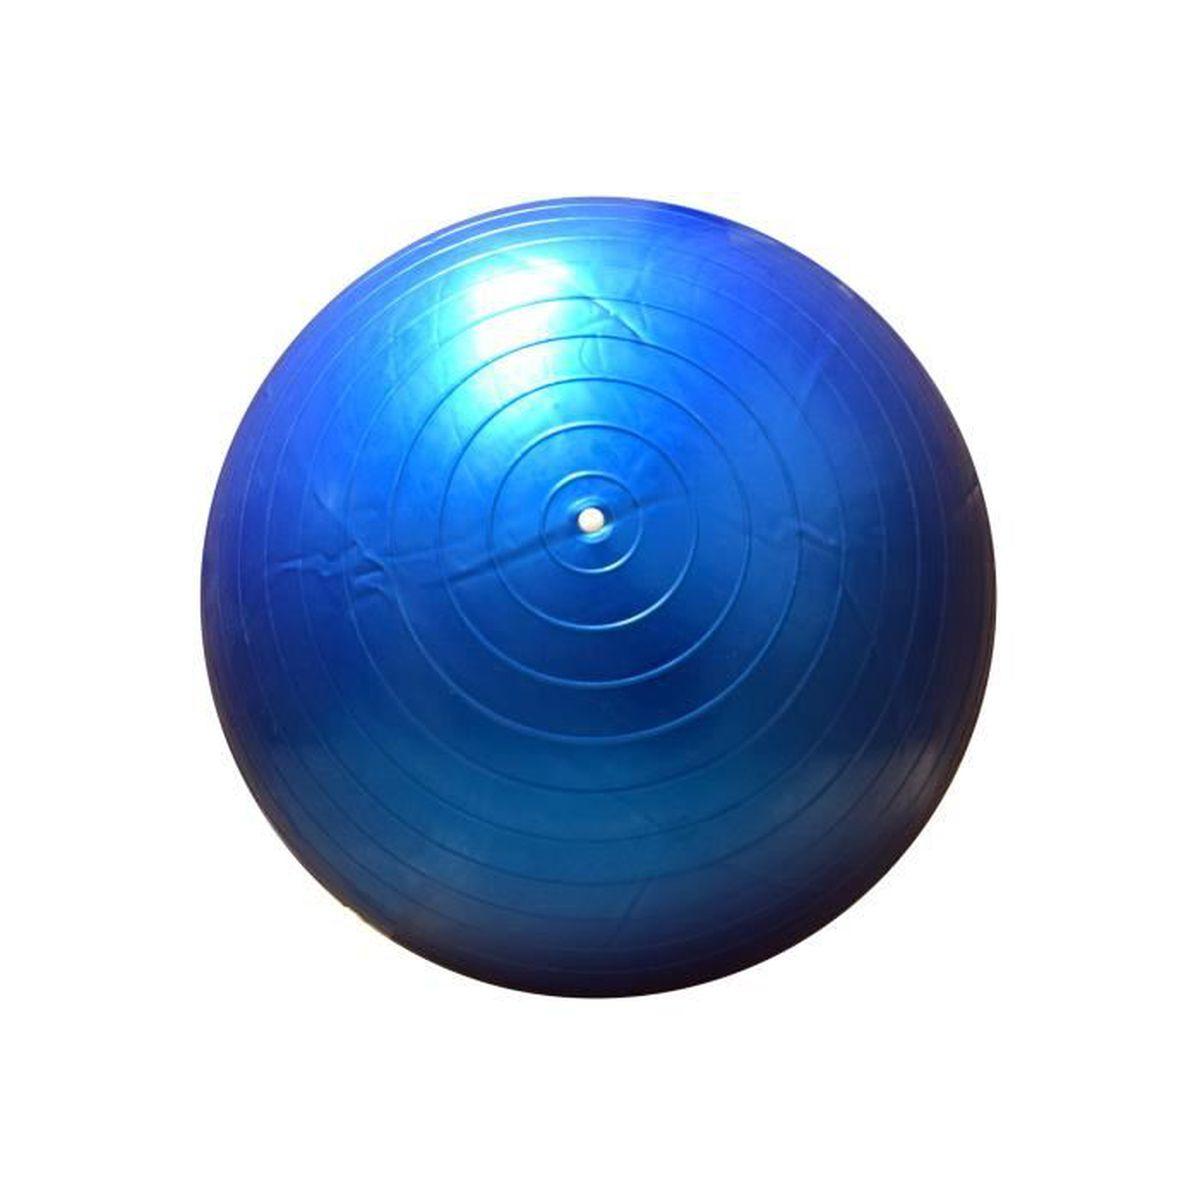 ballon de gym yoga pilates bleu phisiotherapie exercice entrainement